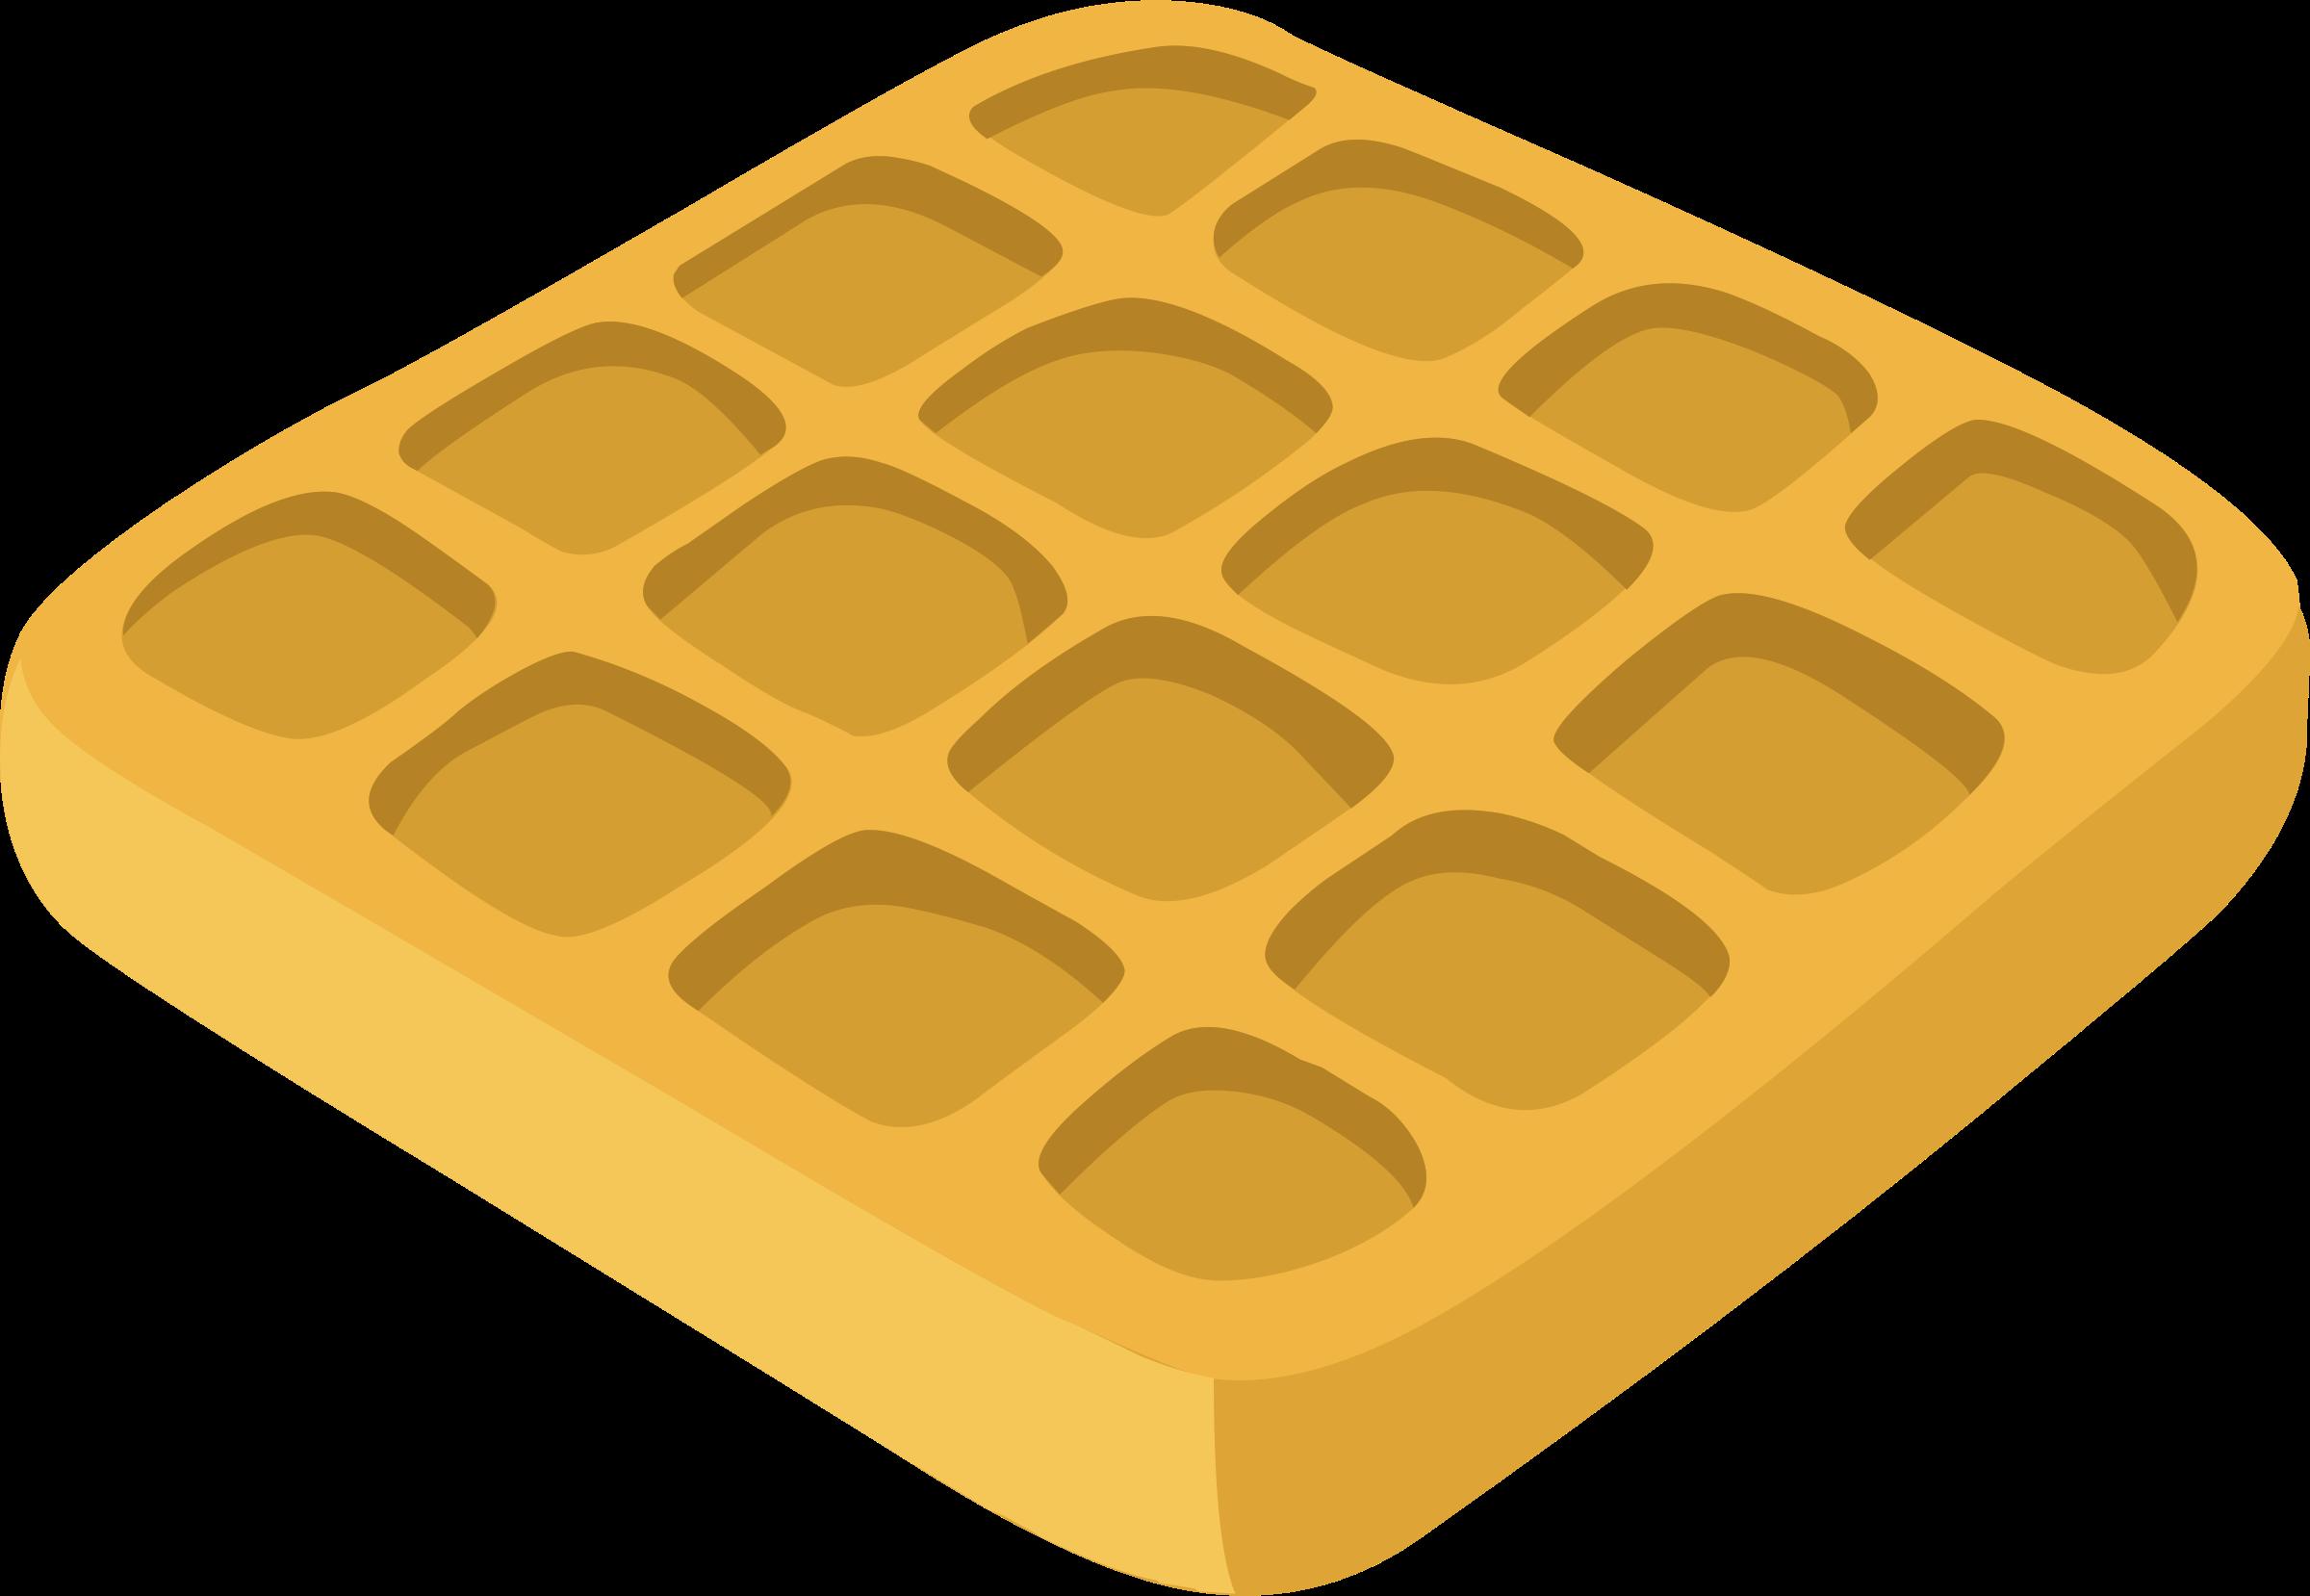 Food waffles by glitch. Waffle clipart waffle bar